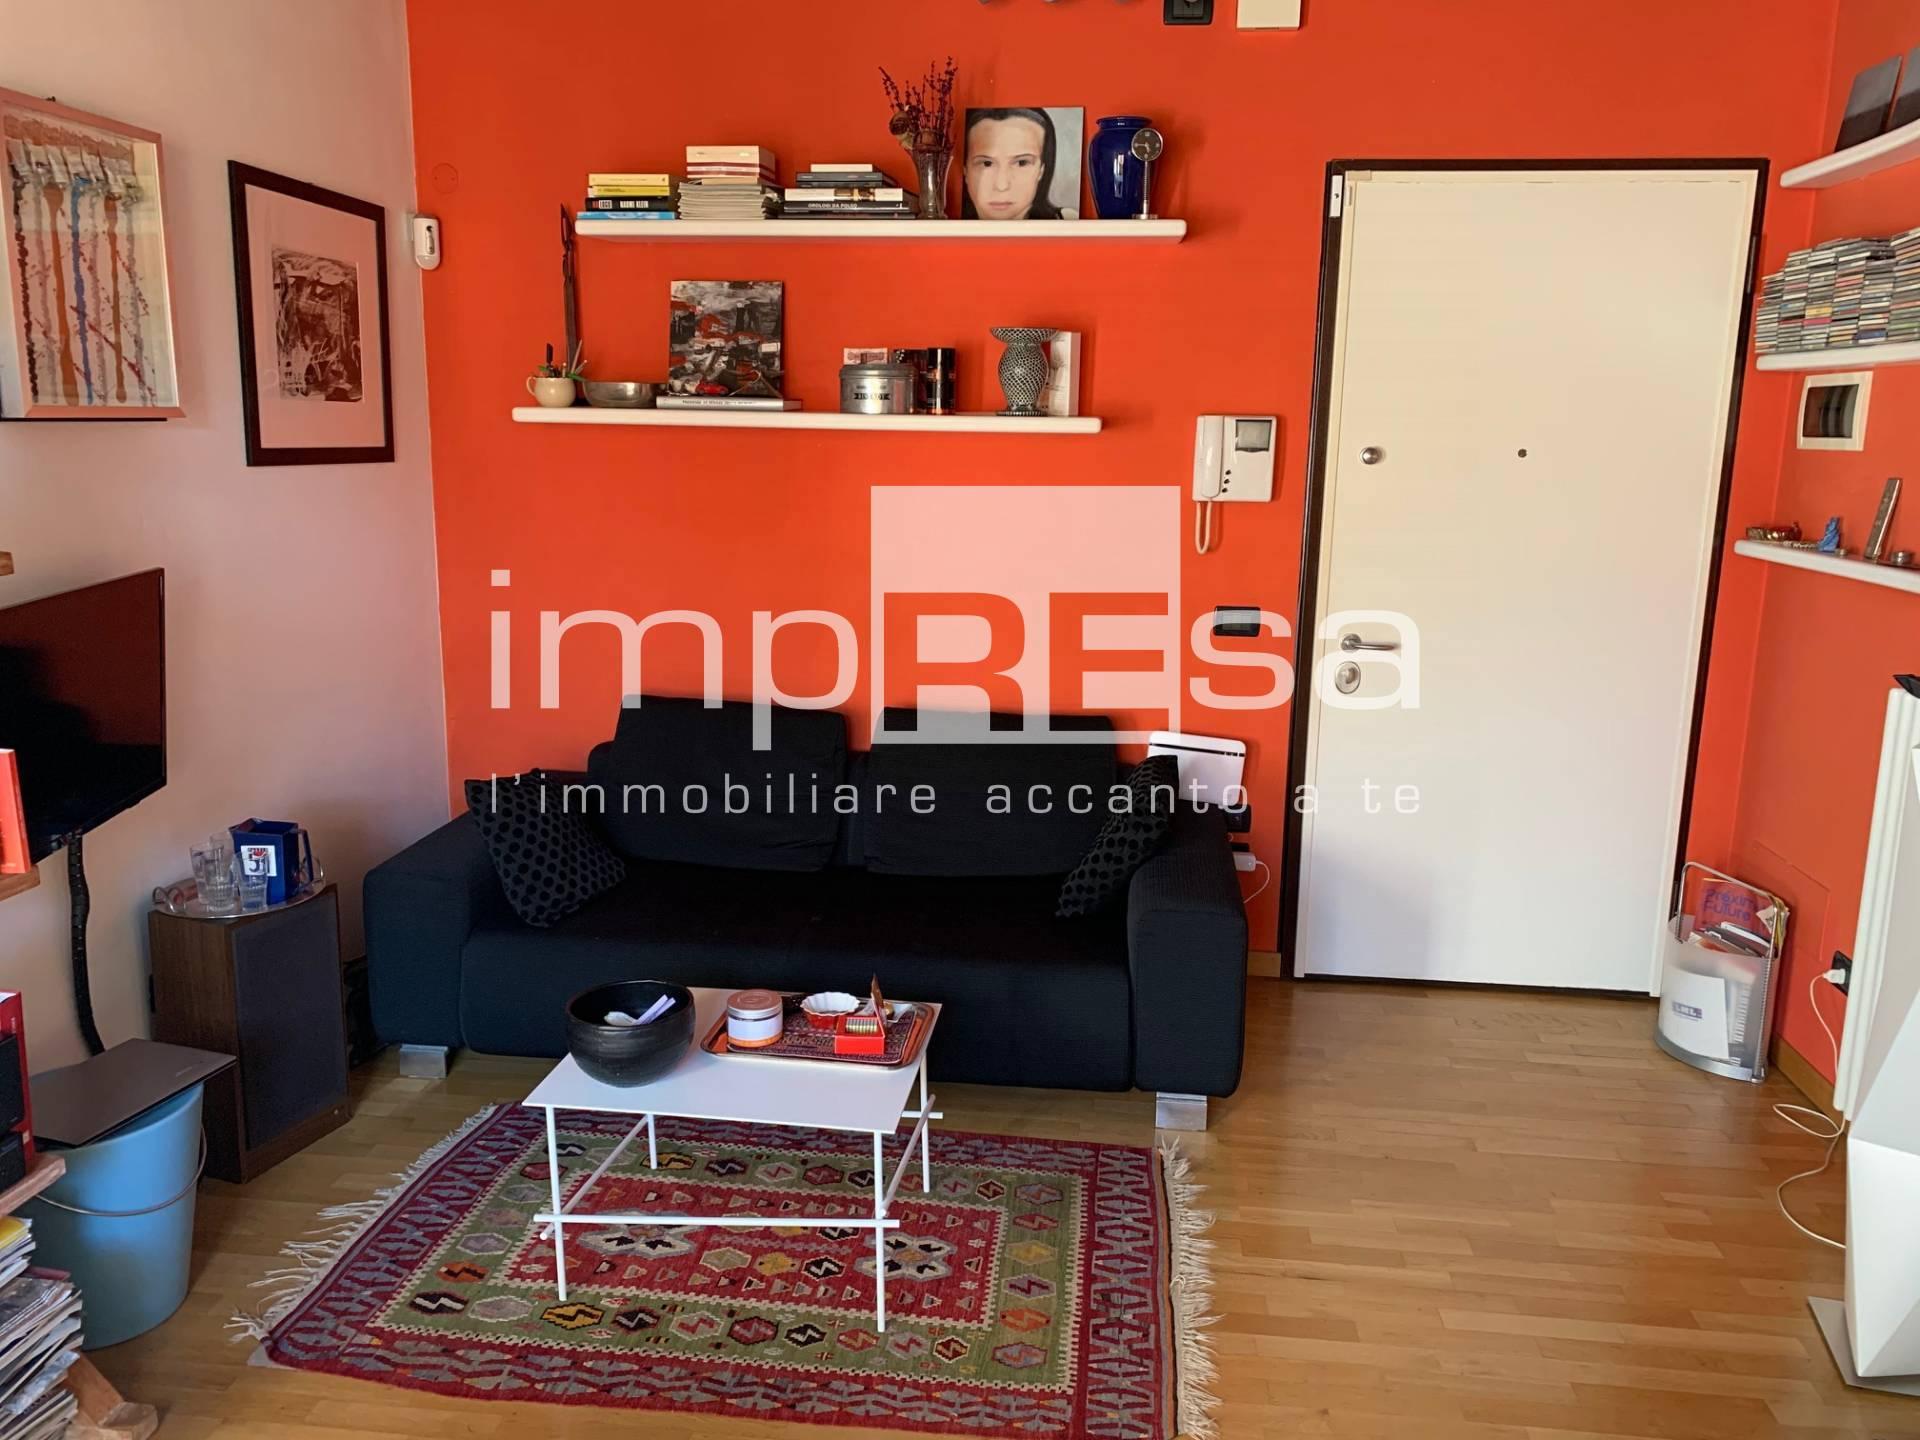 Appartamento in vendita a Preganziol, 3 locali, prezzo € 88.000 | PortaleAgenzieImmobiliari.it